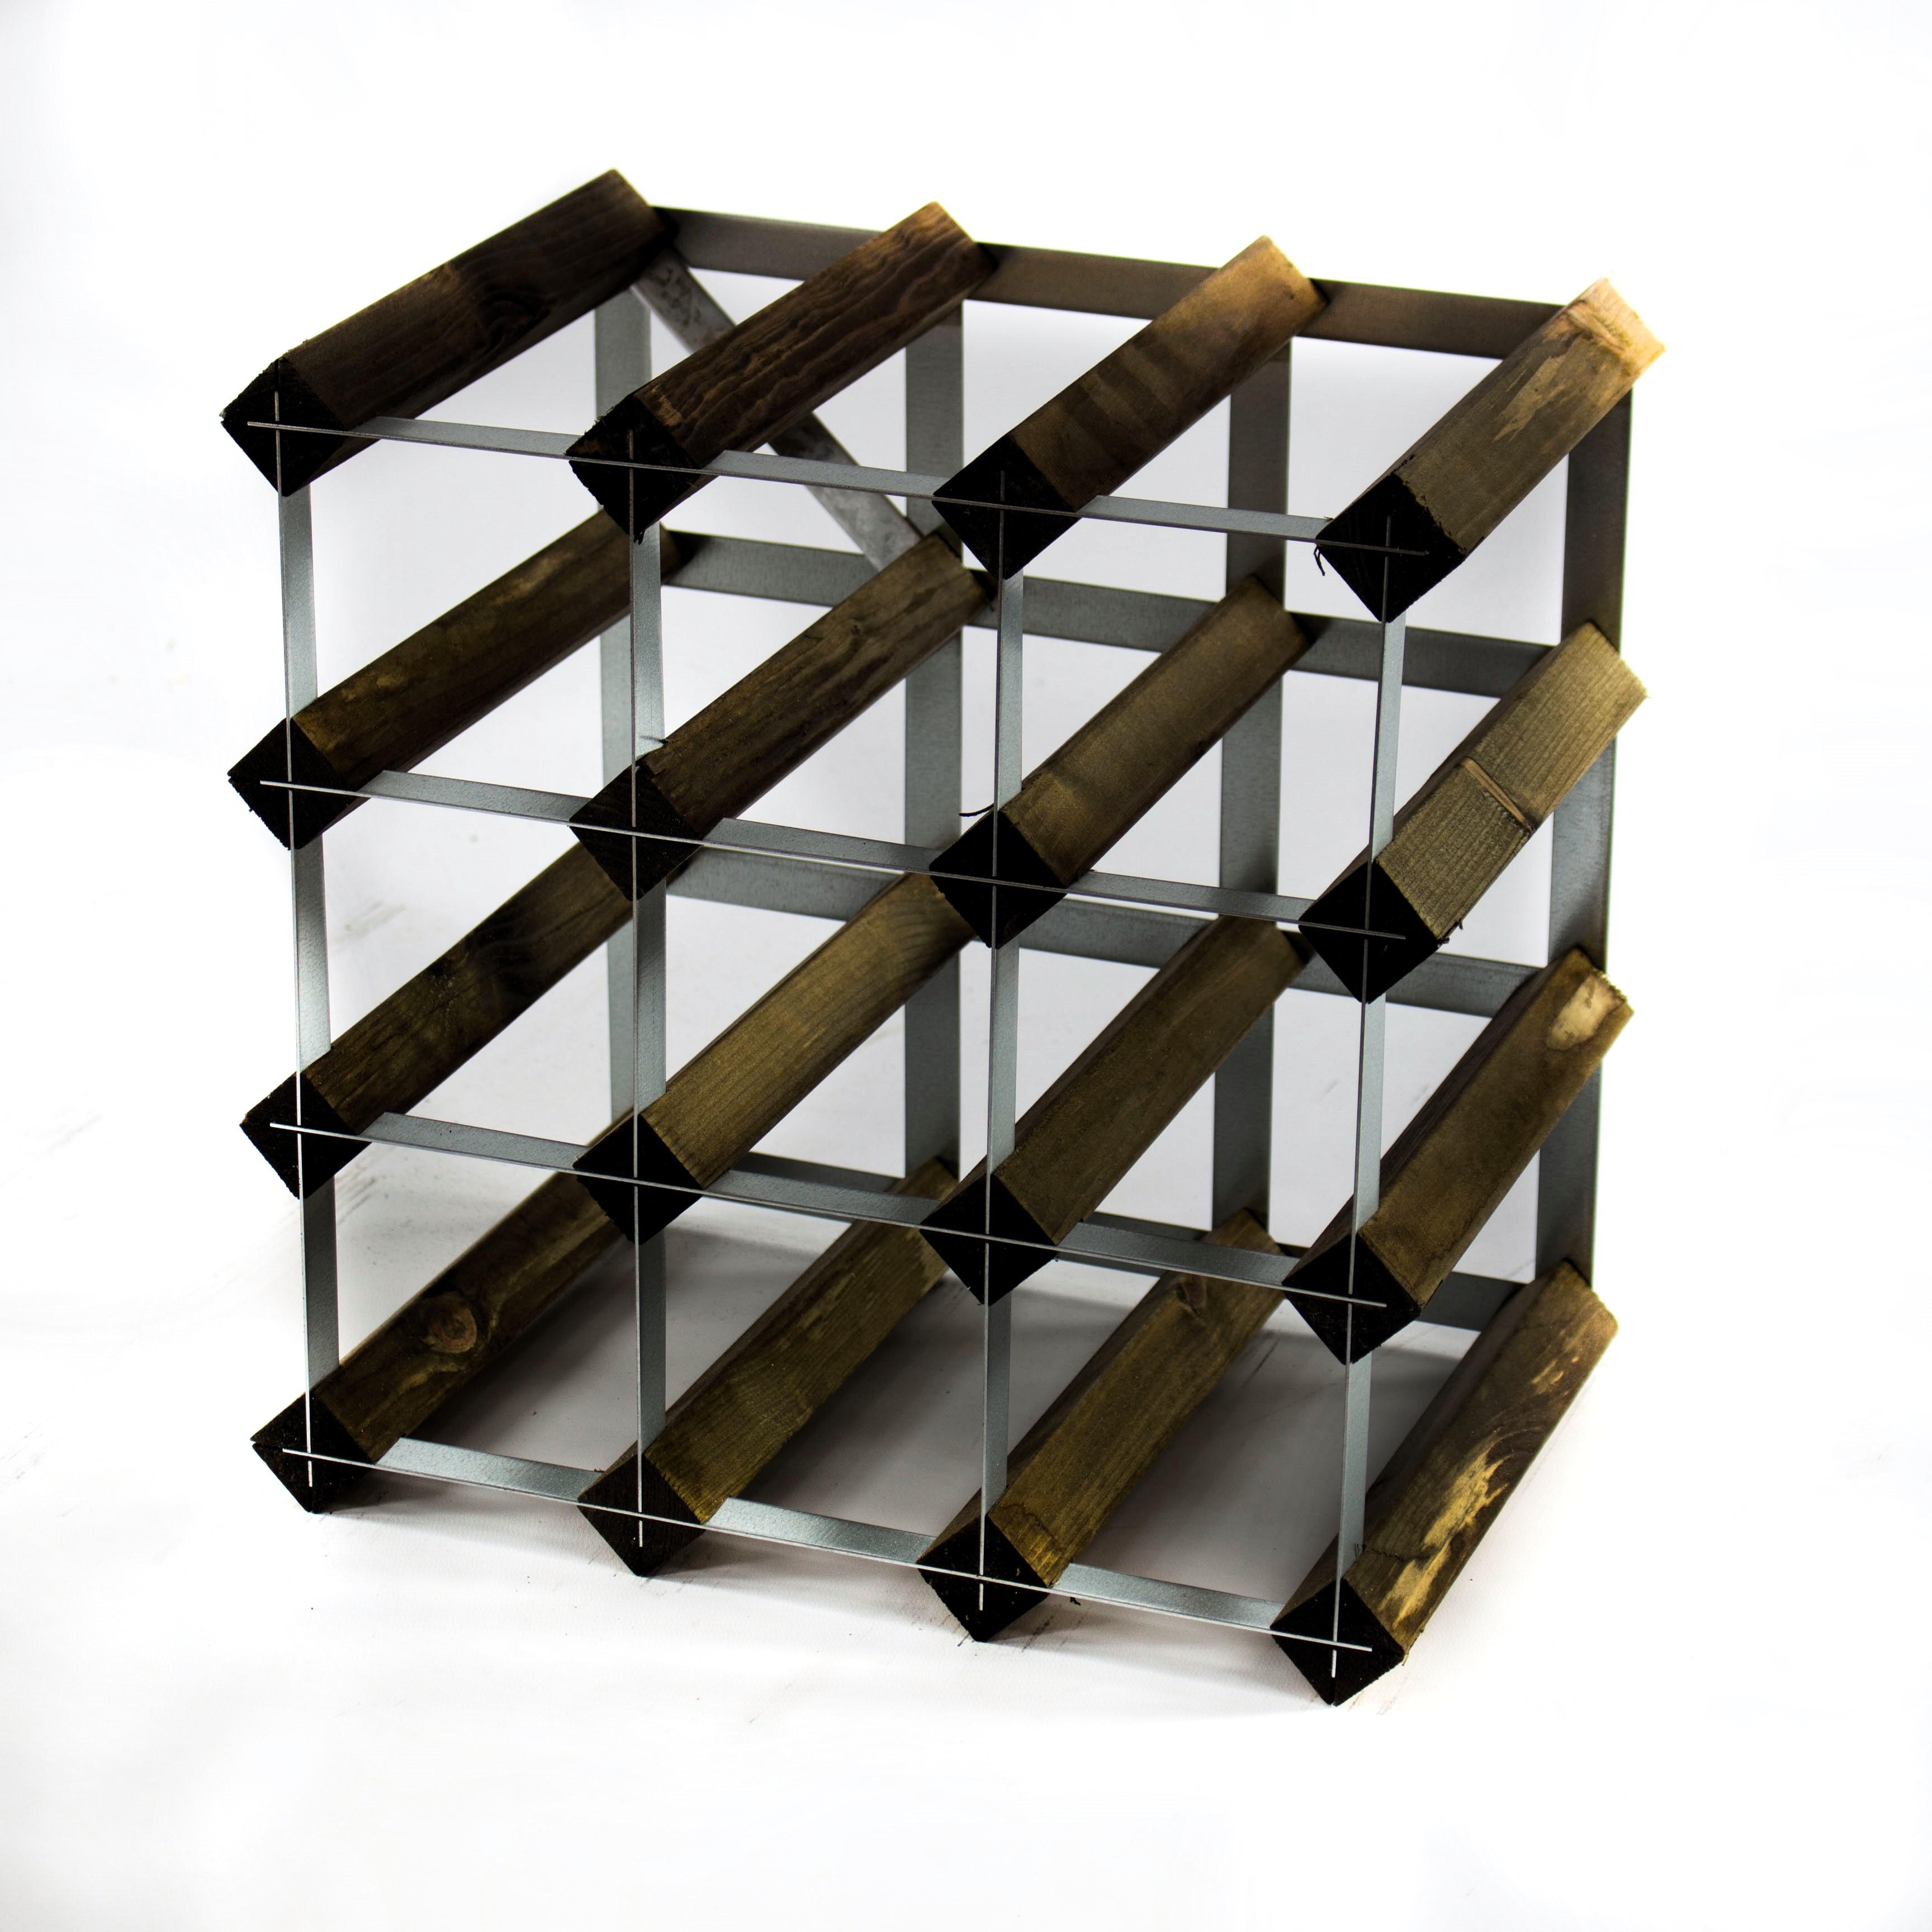 klassisch 12 flasche dunkel oak buntglas holz und metall wein st nder bereit ebay. Black Bedroom Furniture Sets. Home Design Ideas